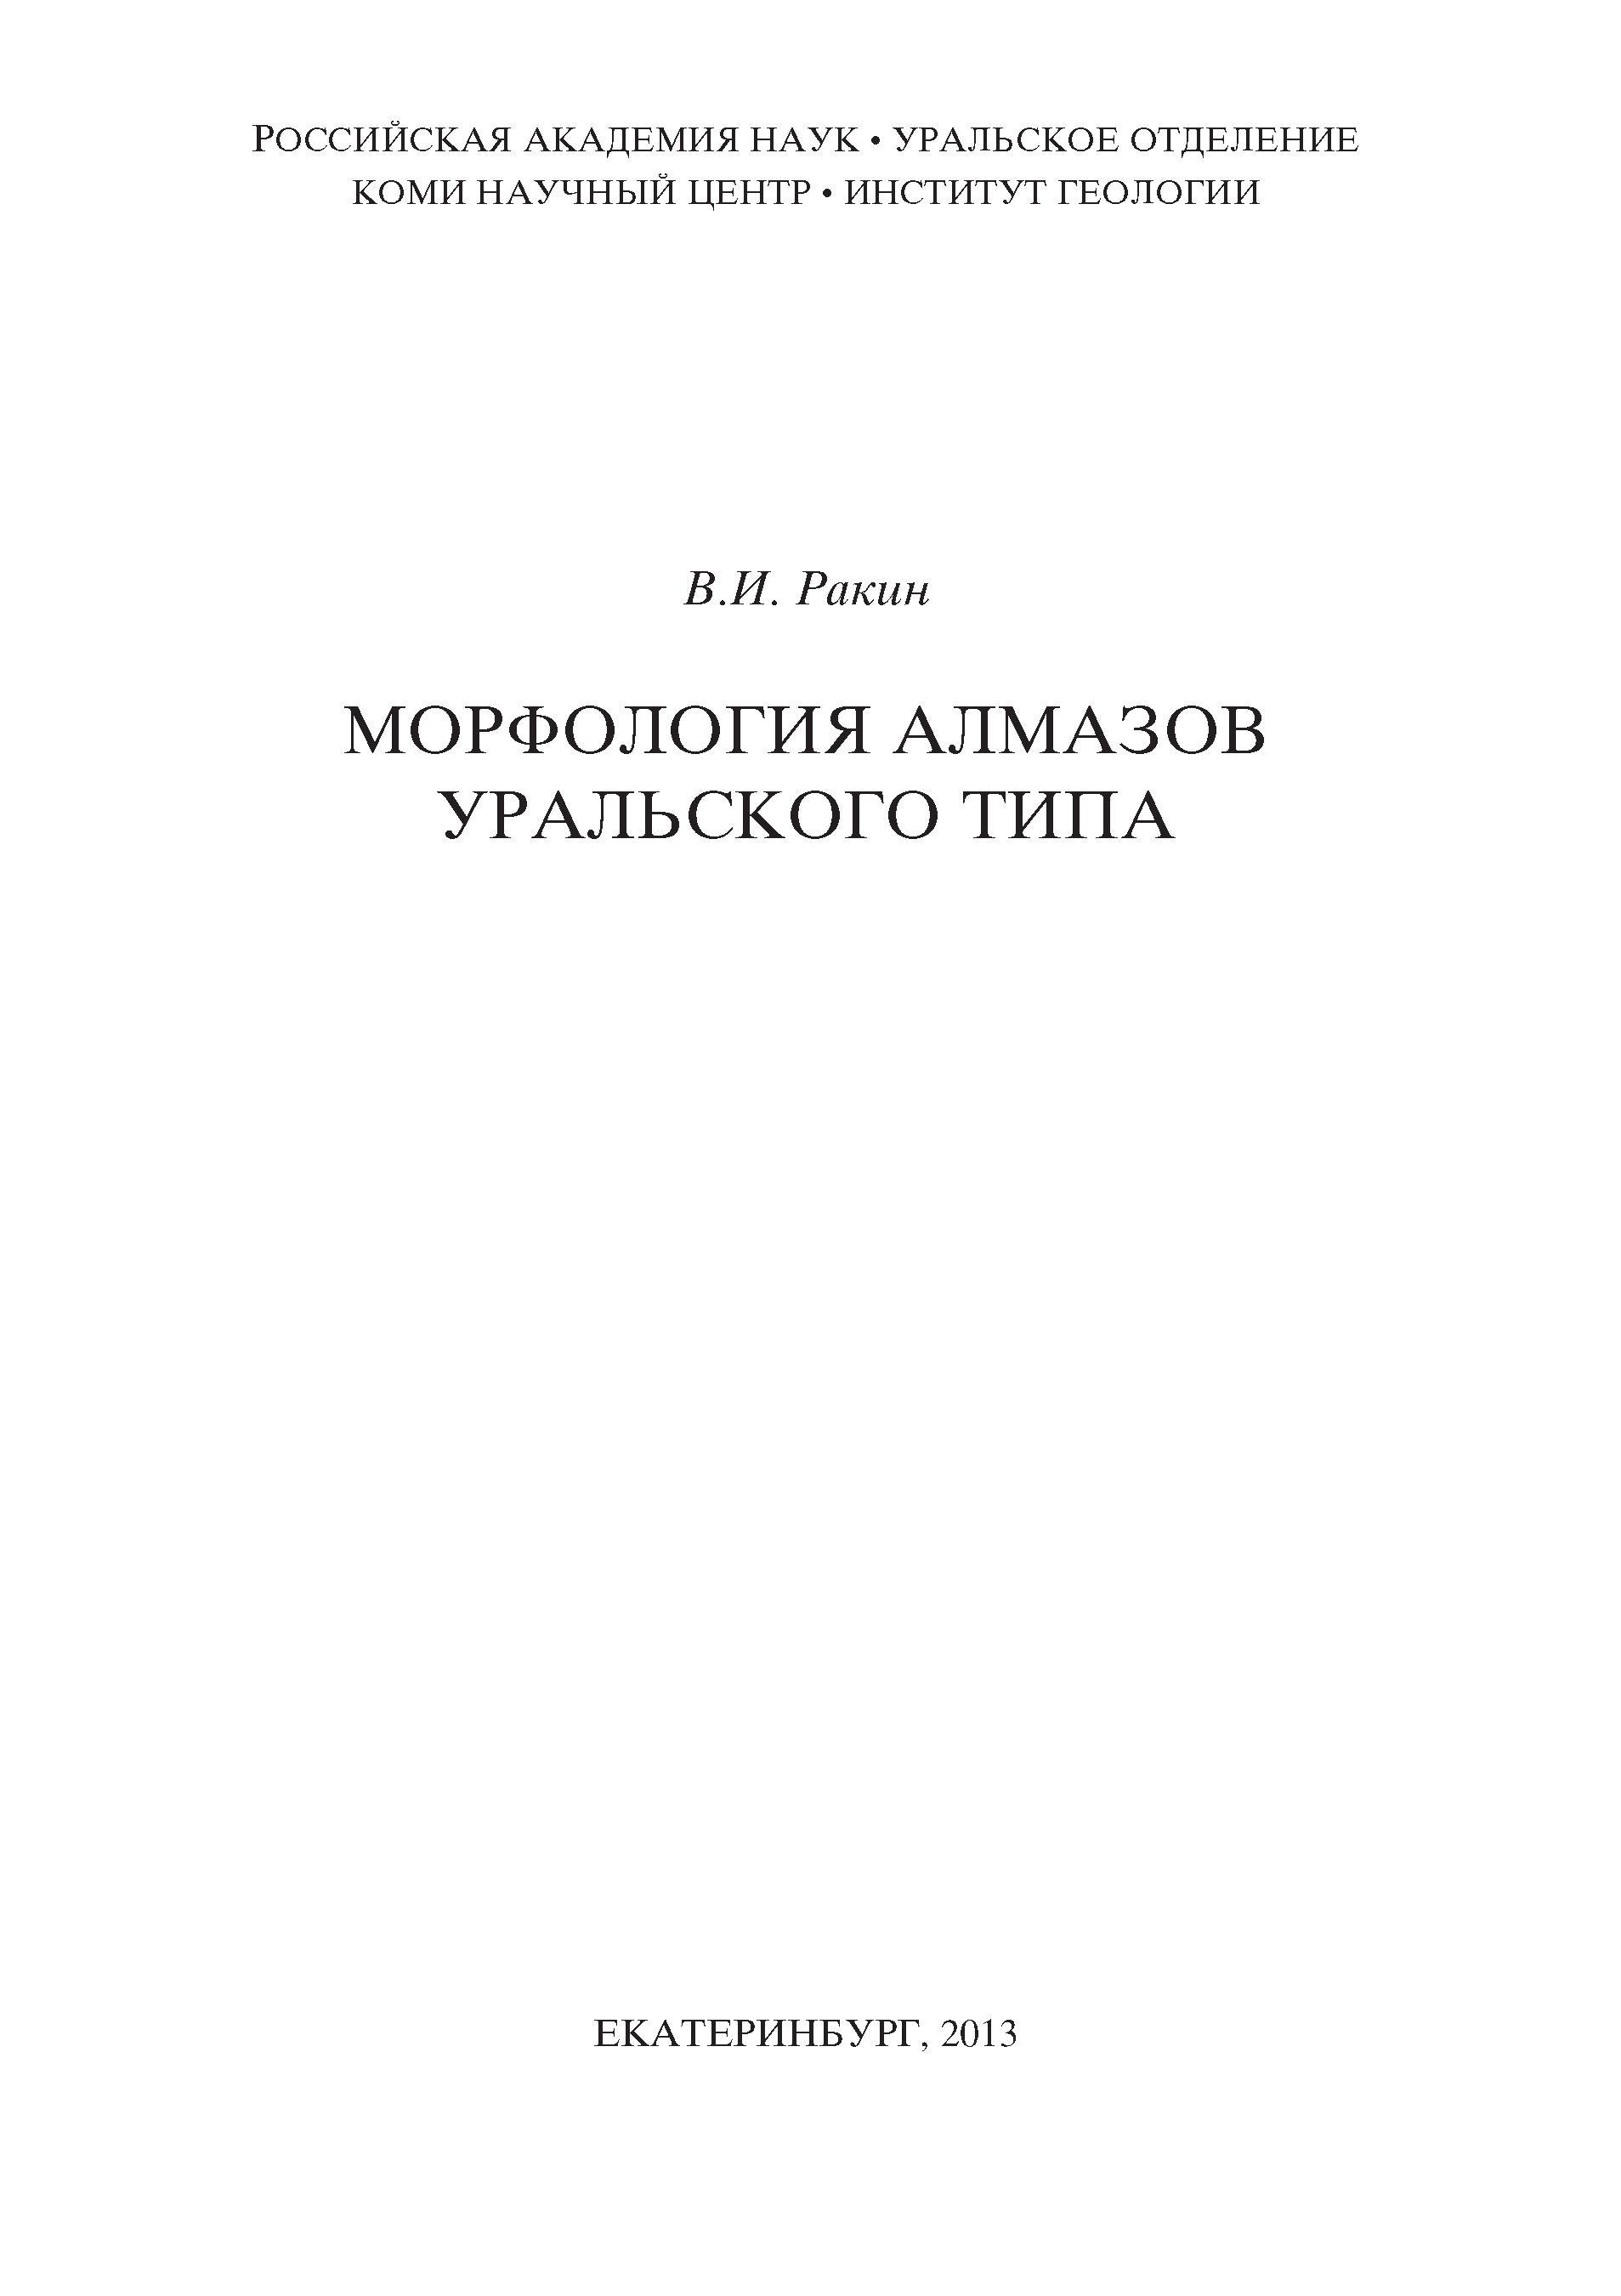 Ракин В. И. Морфология алмазов уральского типа